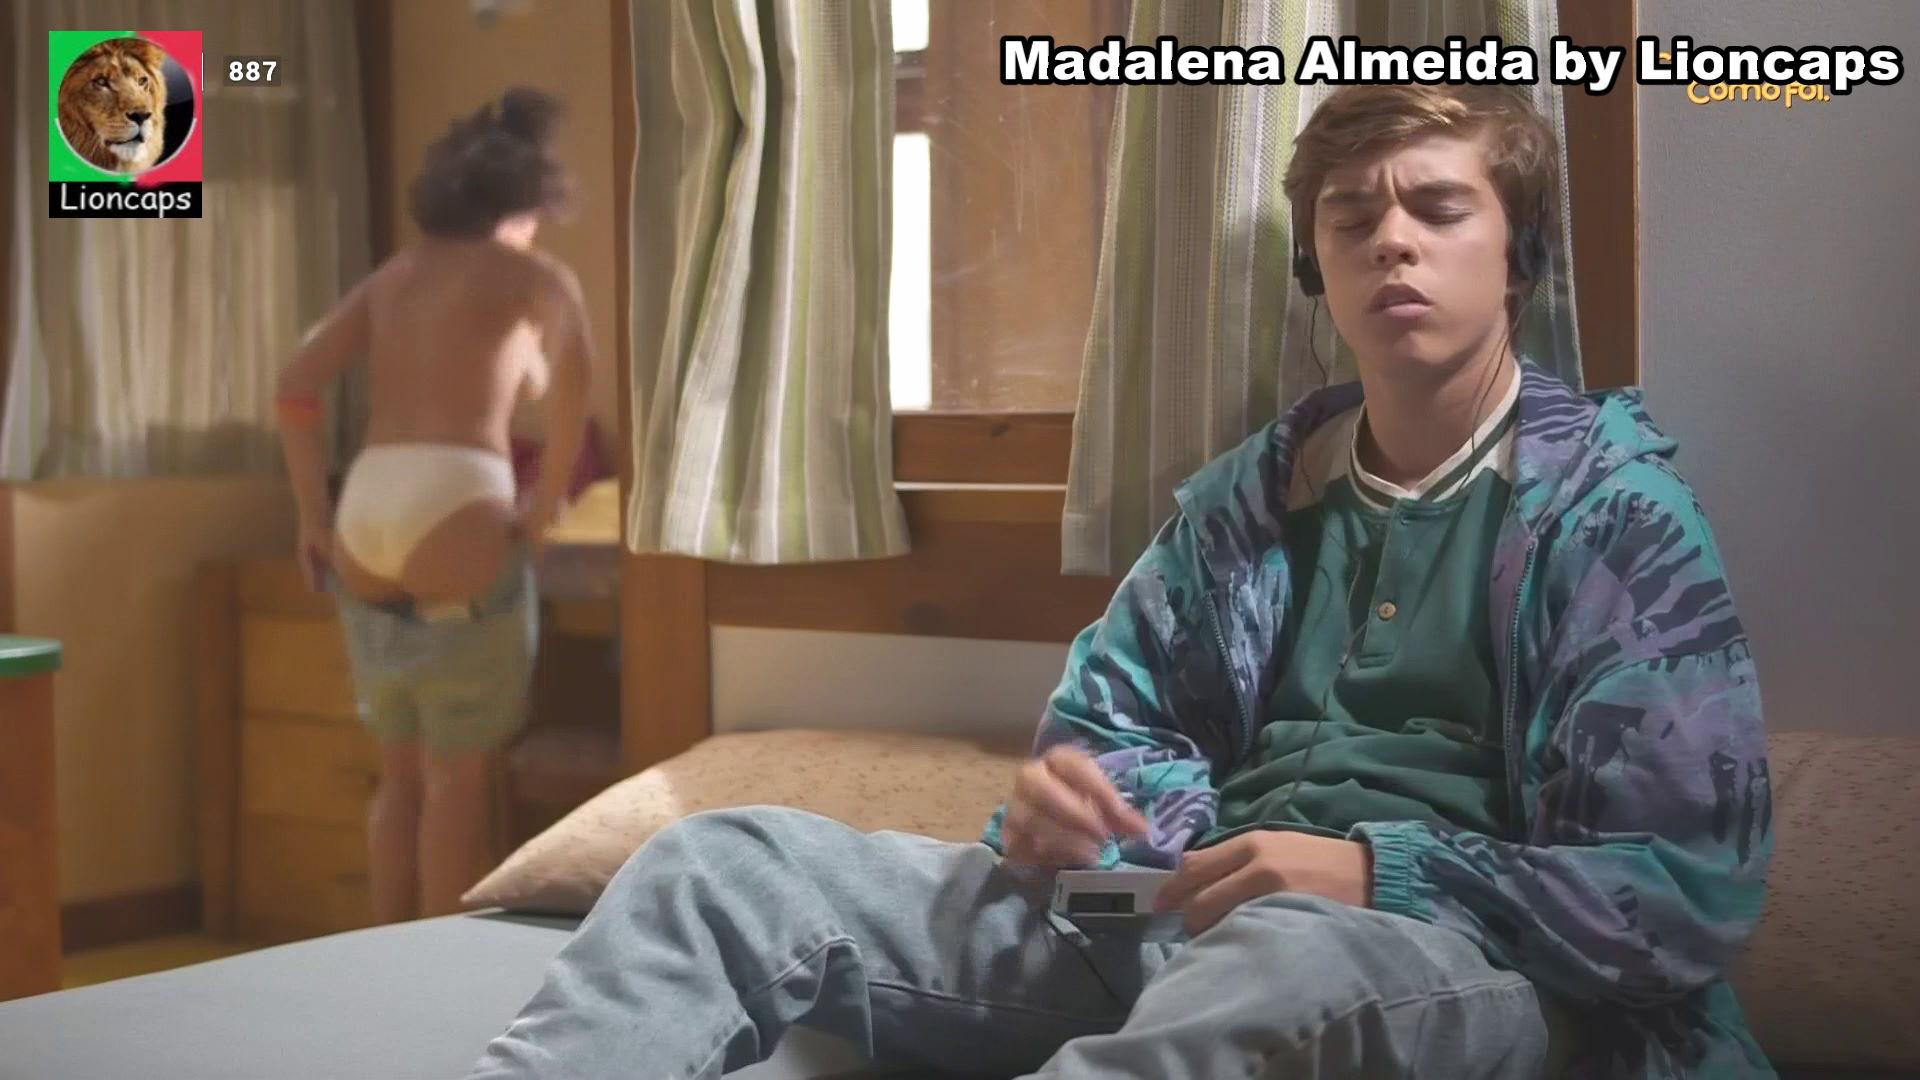 449721000_madalena_almeida_vs200125_0014_122_59lo.JPG